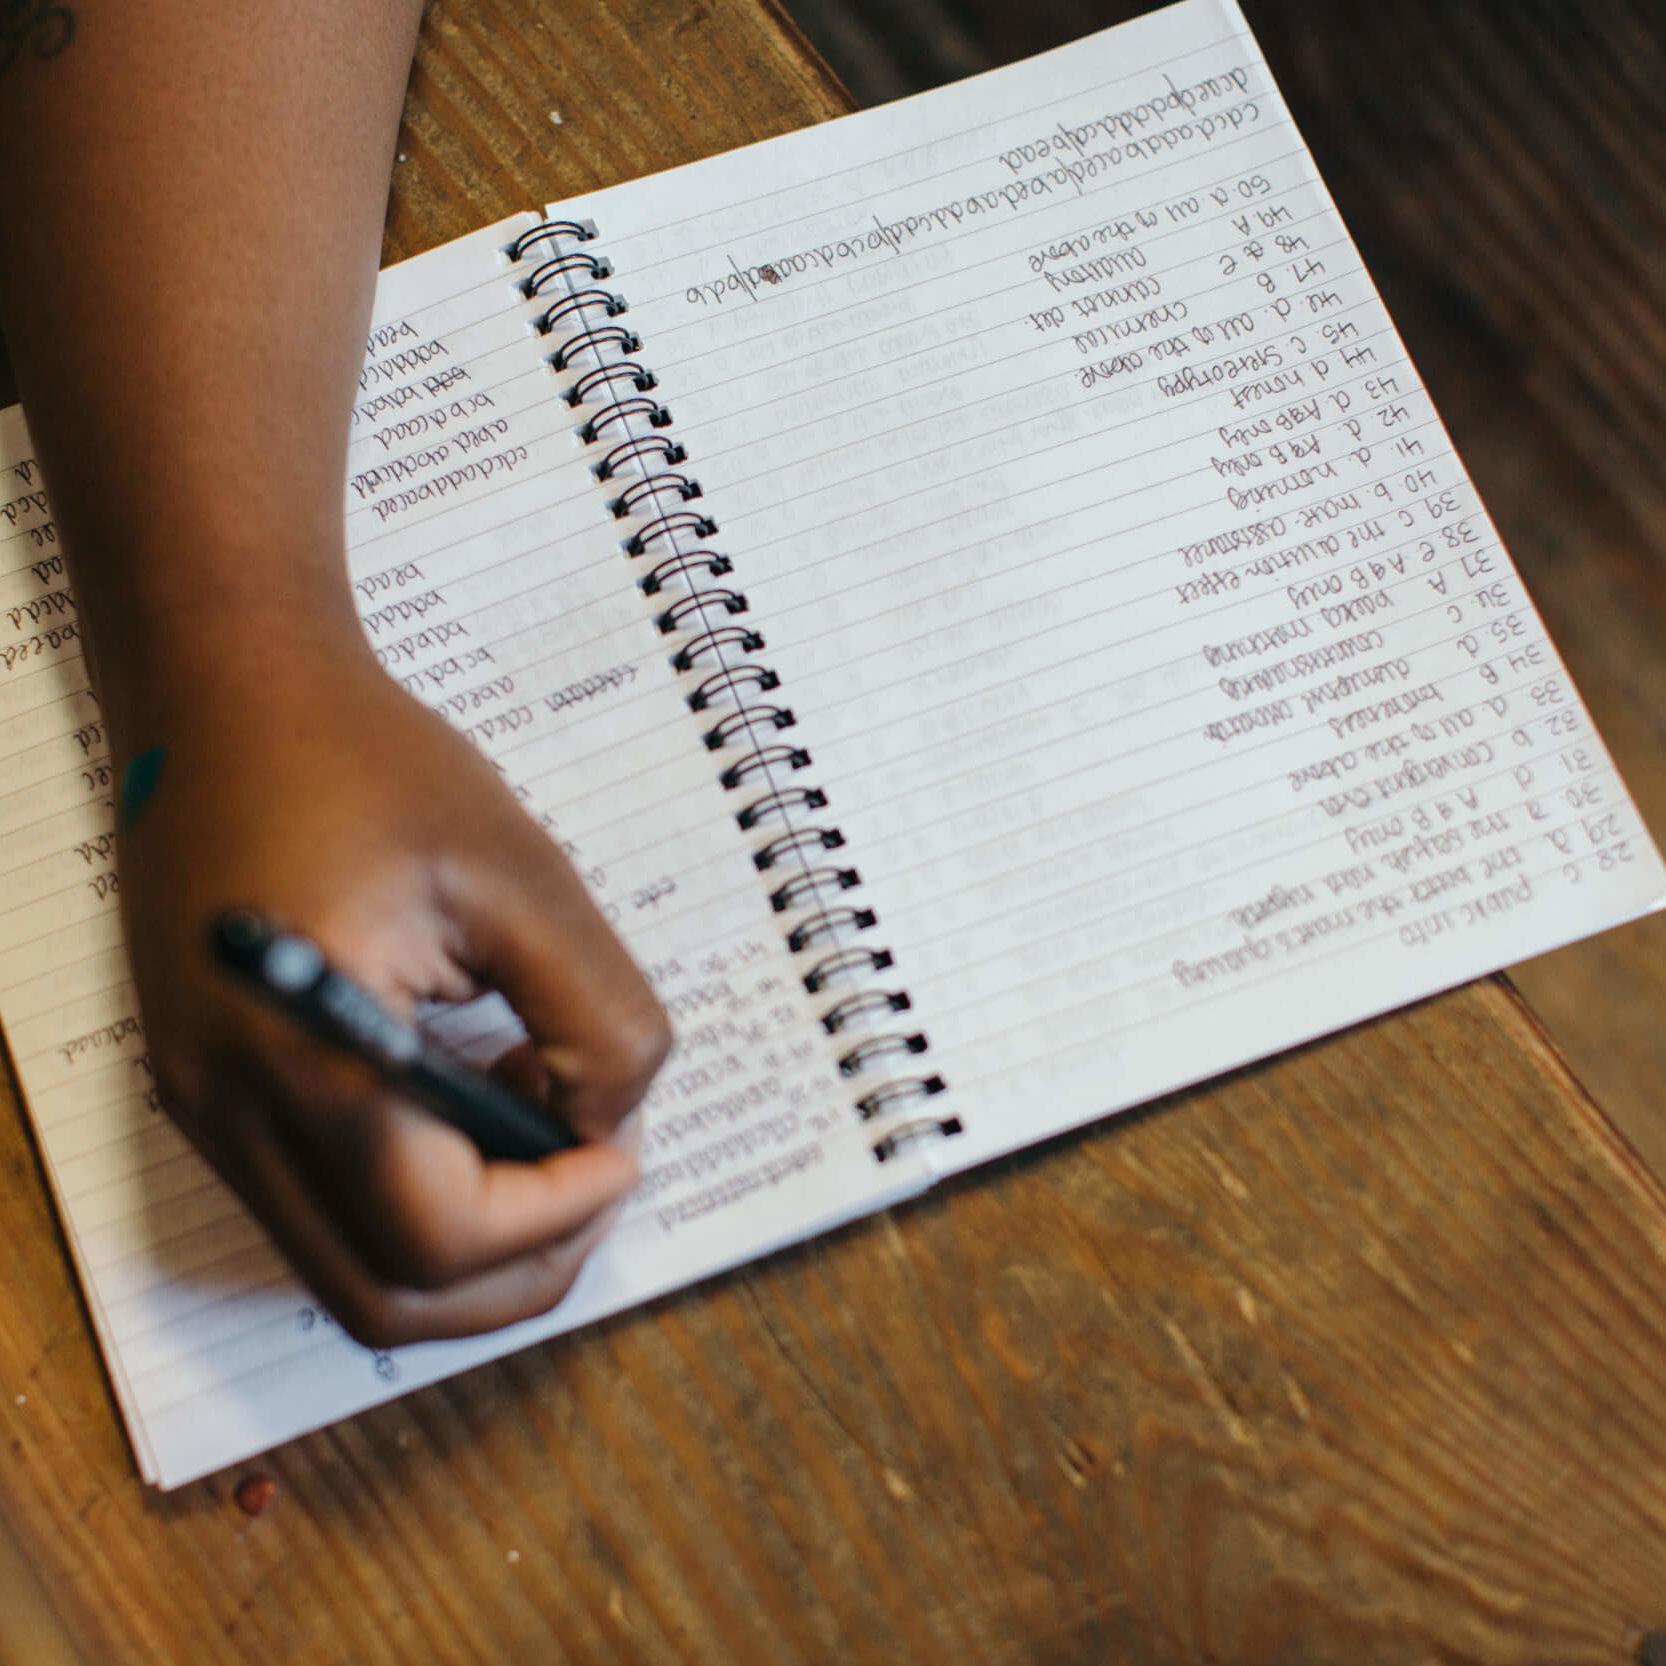 Persoon schrijft ideeën in een boekje. Om een goede merknaam te bedenken is het belangrijk er eerst zoveel mogelijk op te schrijven.